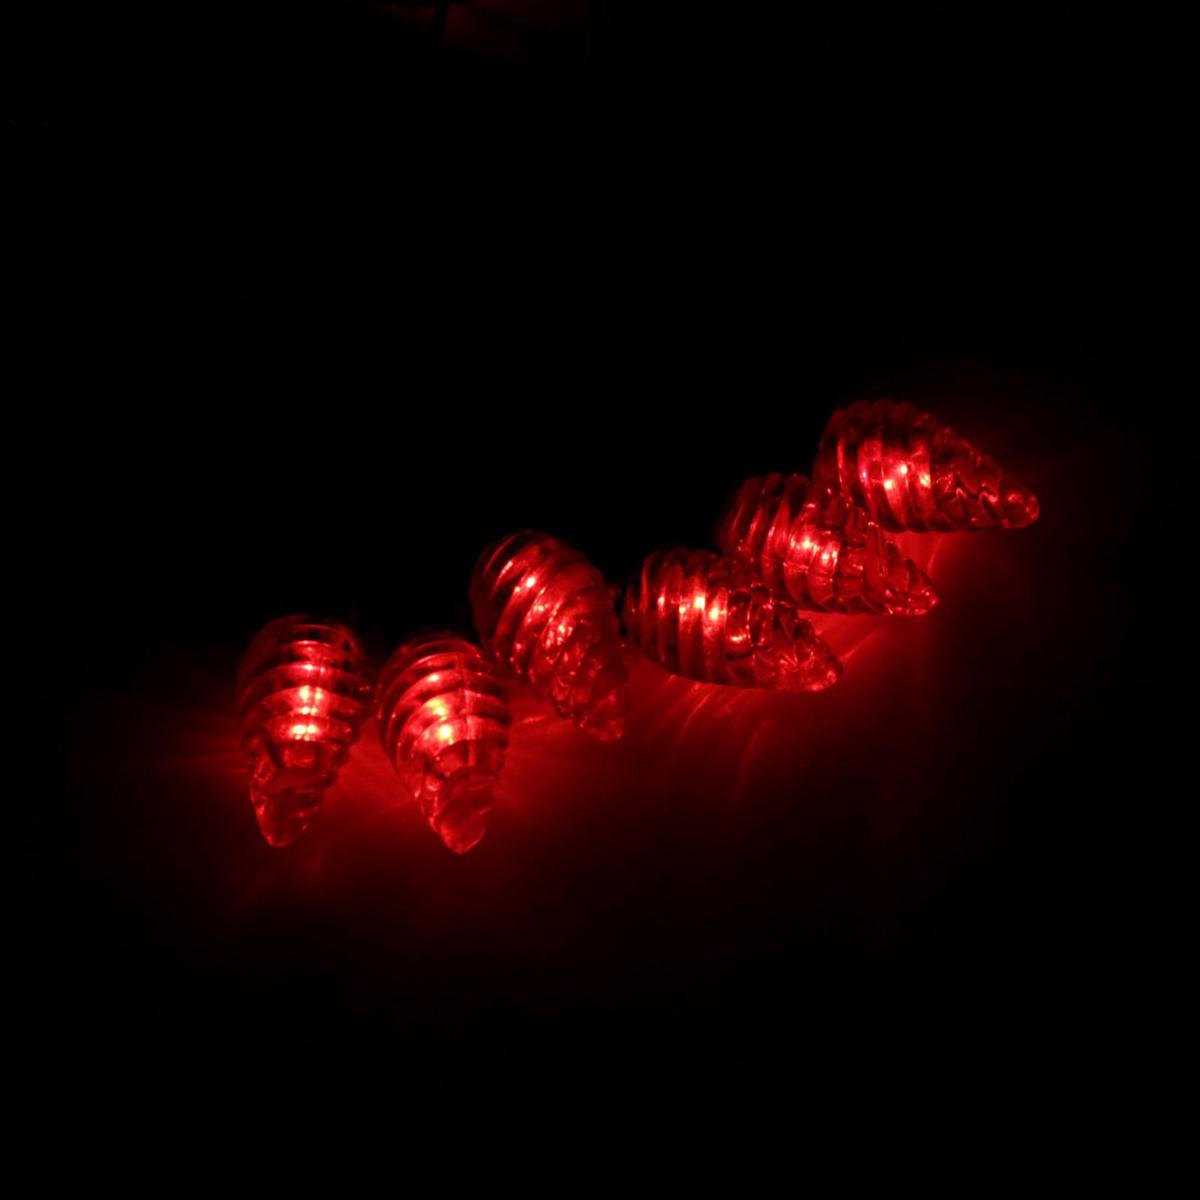 Гирлянда светодиодная Luazon Метраж. Растаявший лед, уличная с насадкой, фиксинг, 40 ламп, 220 V, 5 м, цвет: красный. 185569185569Светодиодные гирлянды, ленты и т.д. — это отличный вариант для новогоднего оформления интерьера или фасада. С их помощью помещение любого размера можно превратить в праздничный зал, а внешние элементы зданий, украшенные ими, мгновенно станут напоминать очертания сказочного дворца. Такие украшения создают ауру предвкушения чуда. Деревья, фасады, витрины, окна и арки будто специально созданы, чтобы вы украсили их светящимися нитями.